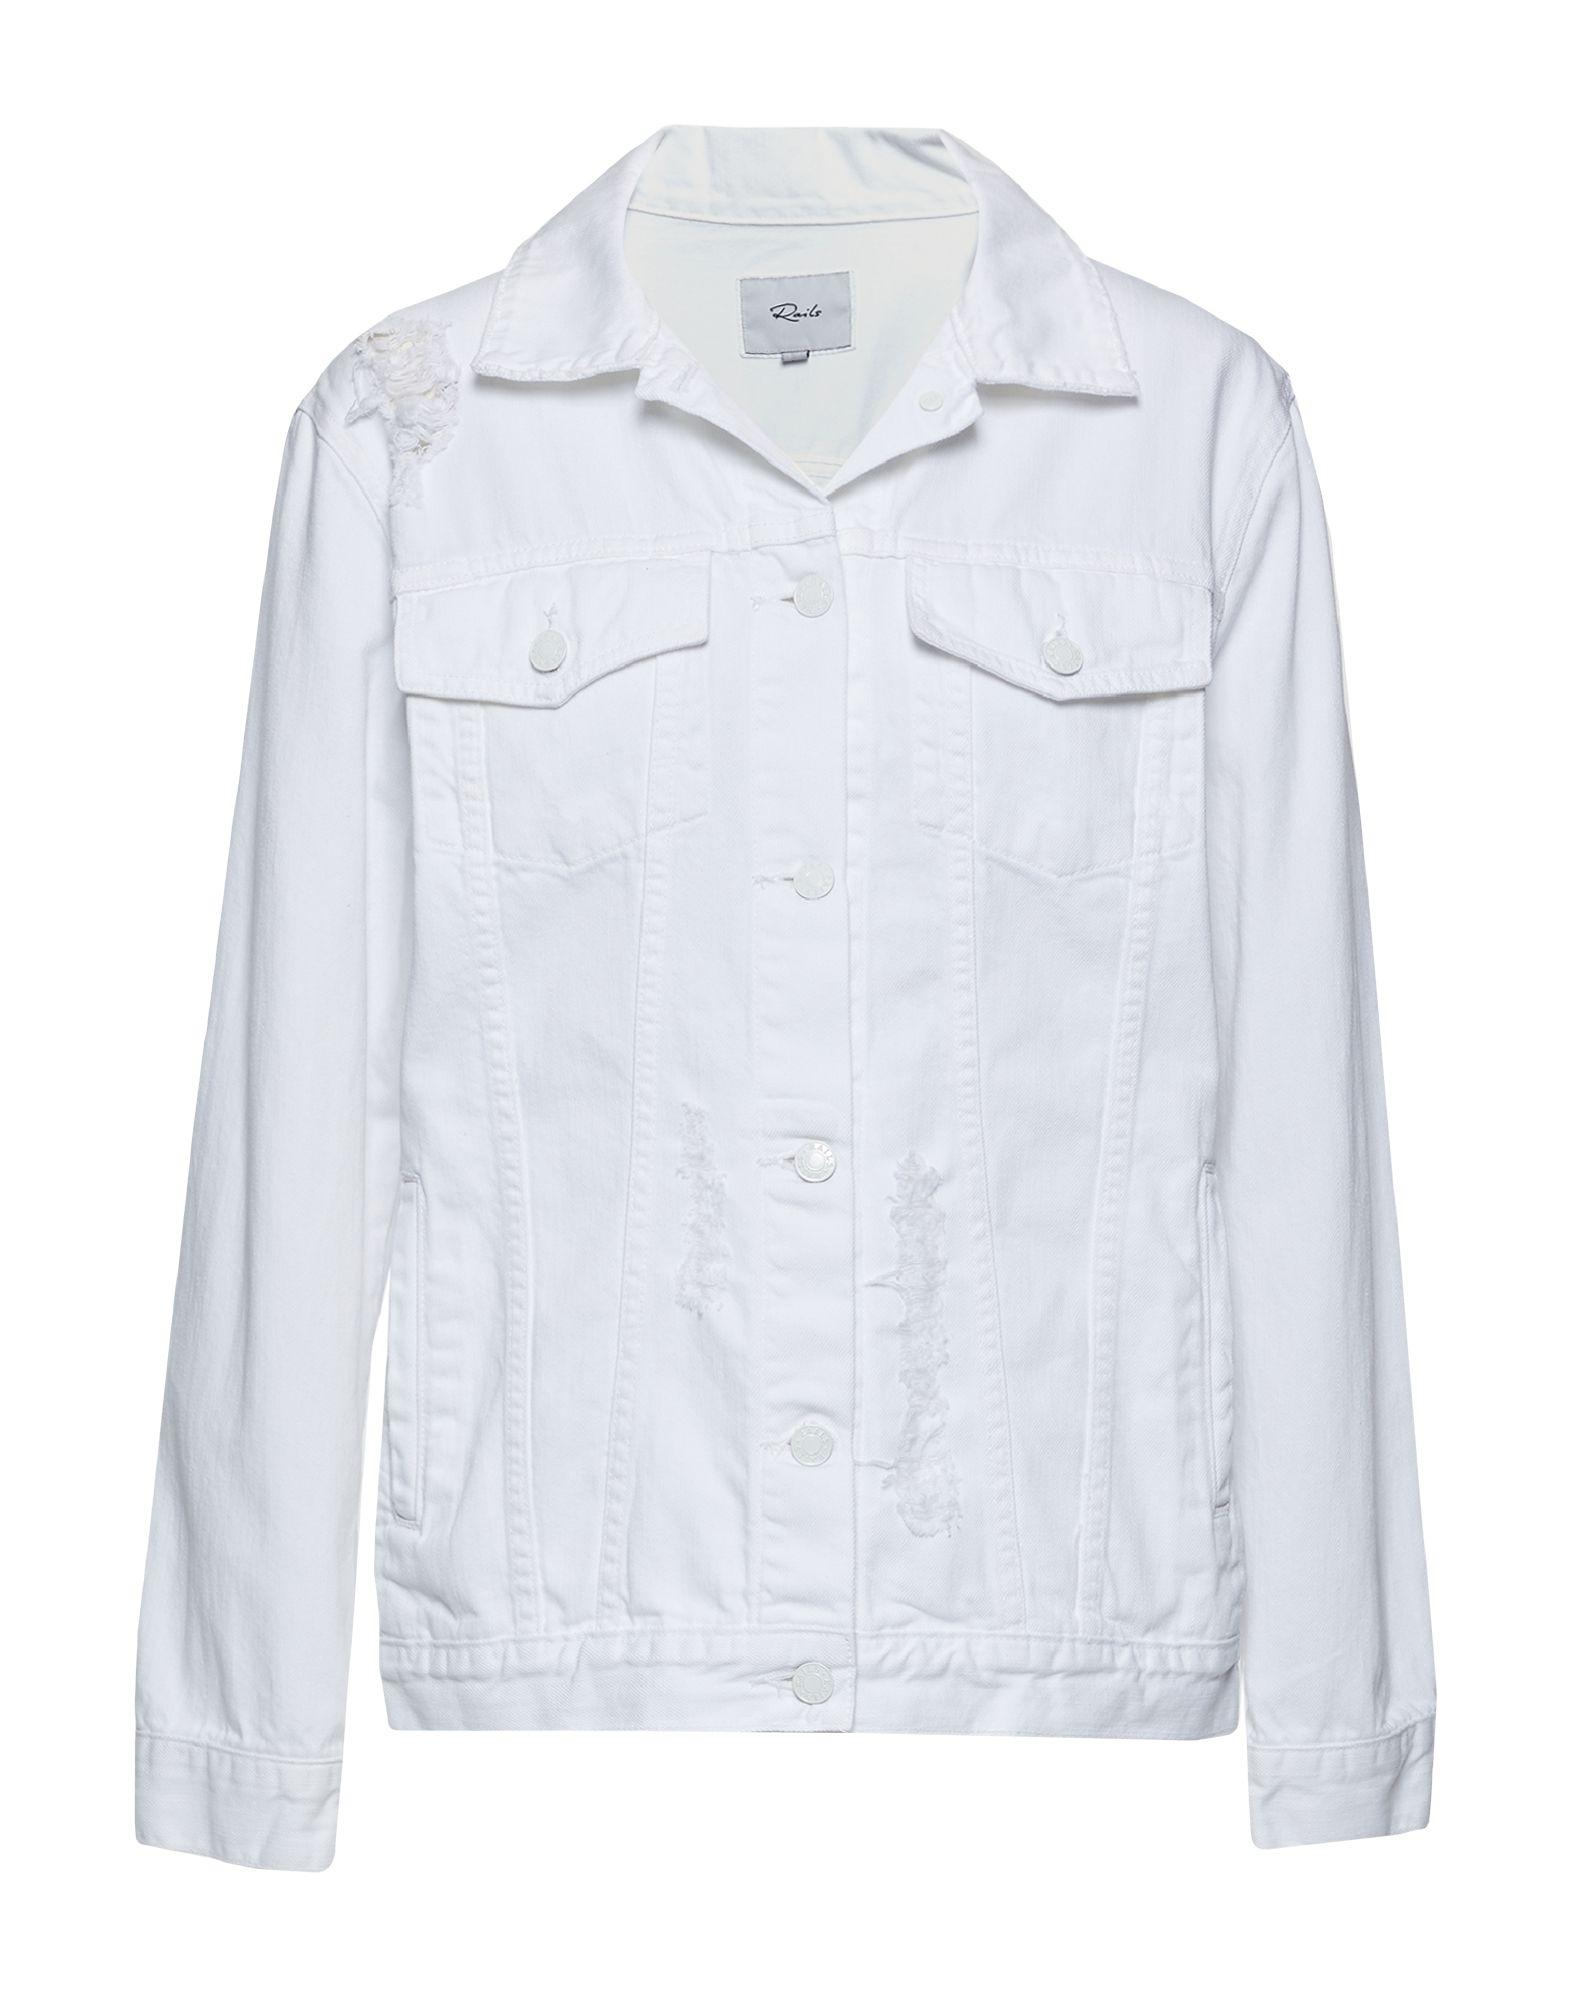 RAILS Джинсовая верхняя одежда